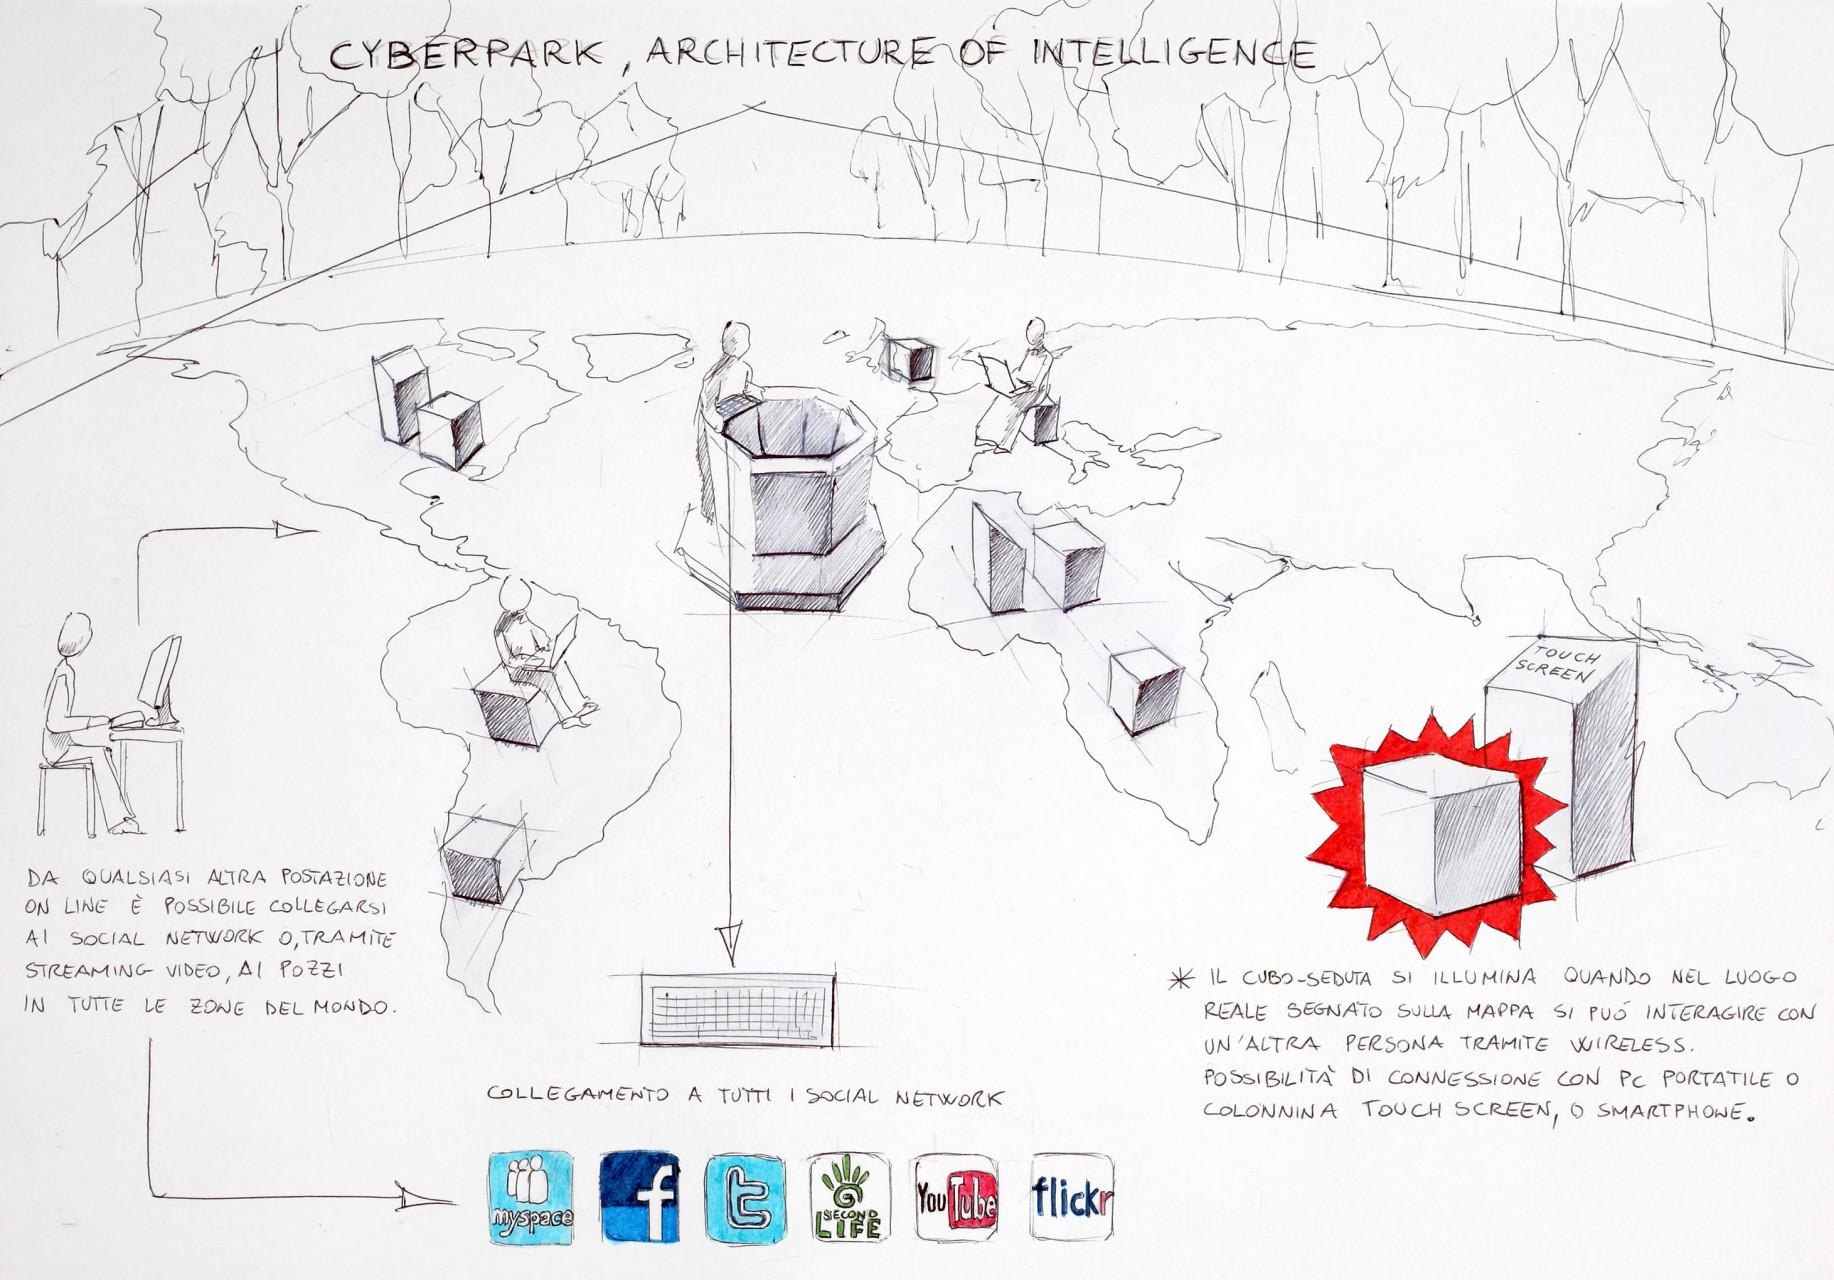 The Architecture of Intelligence Kwangiu02_bassa